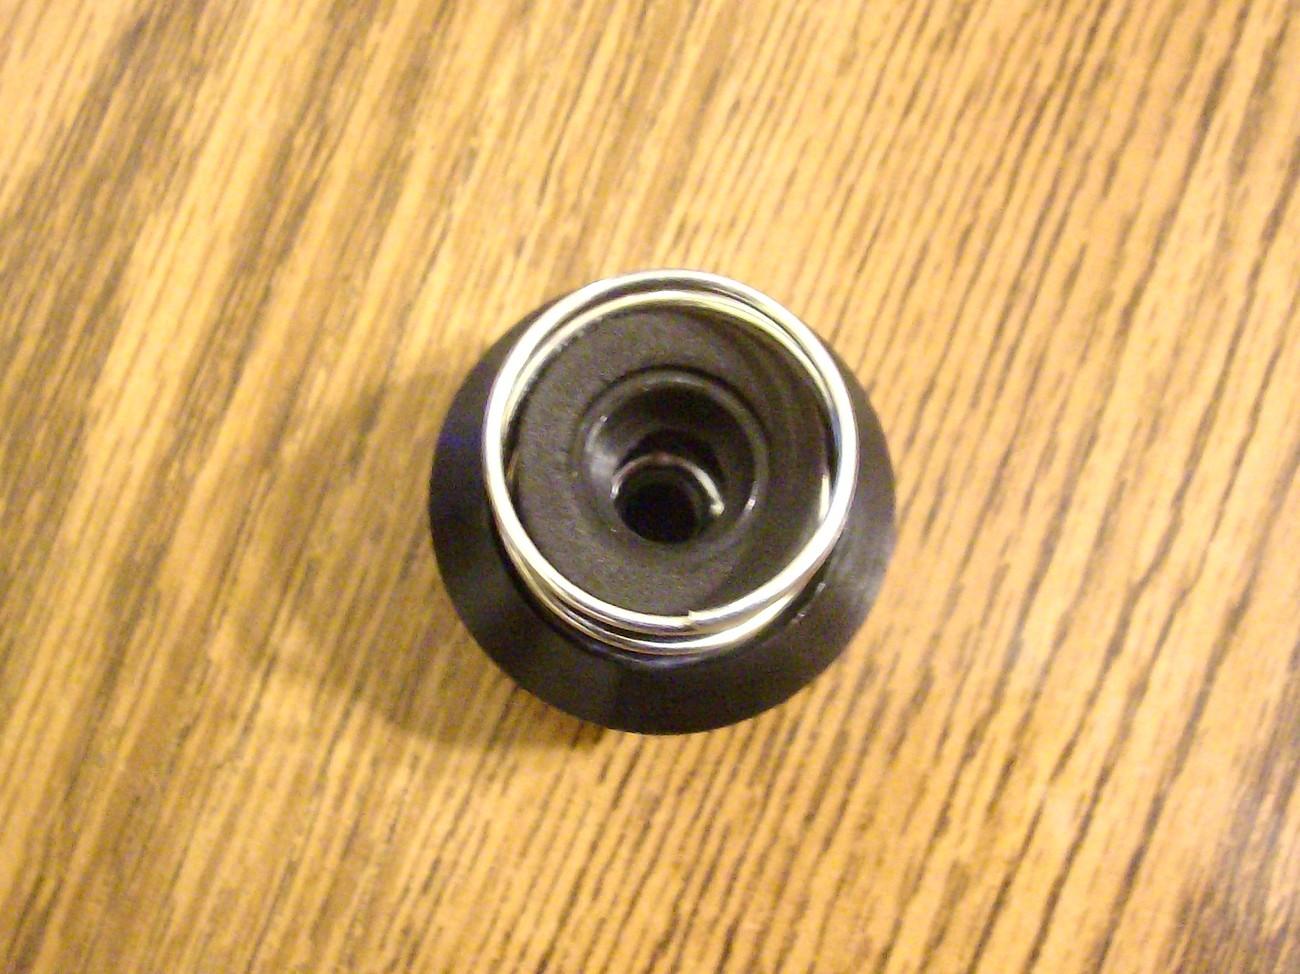 Bump Head Knob fits Ryobi 725R, 767RS, 775R, 825R, 875R, BL26SS, MT767J, SS725R